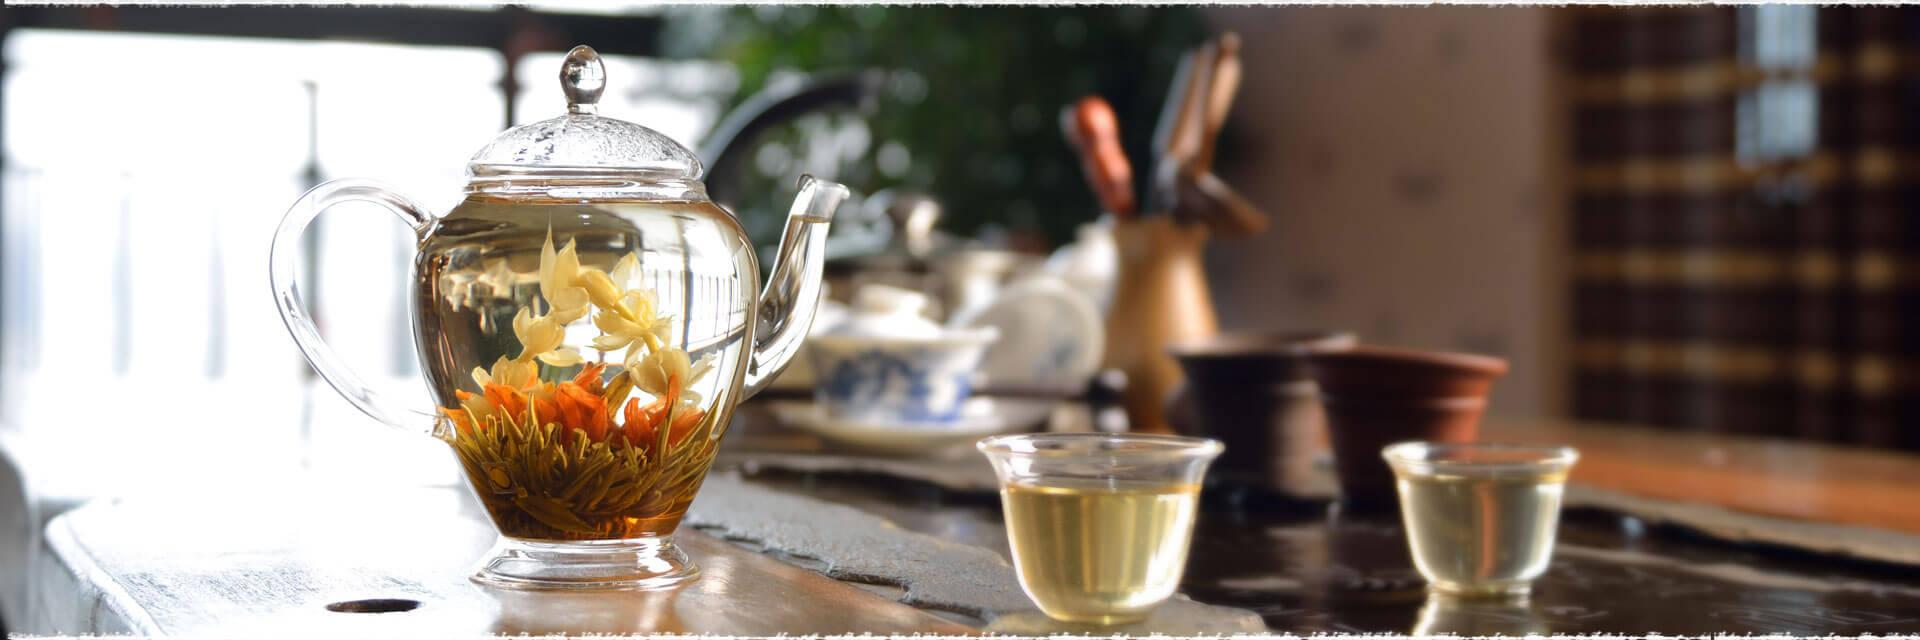 La fabrication des fleurs de thé